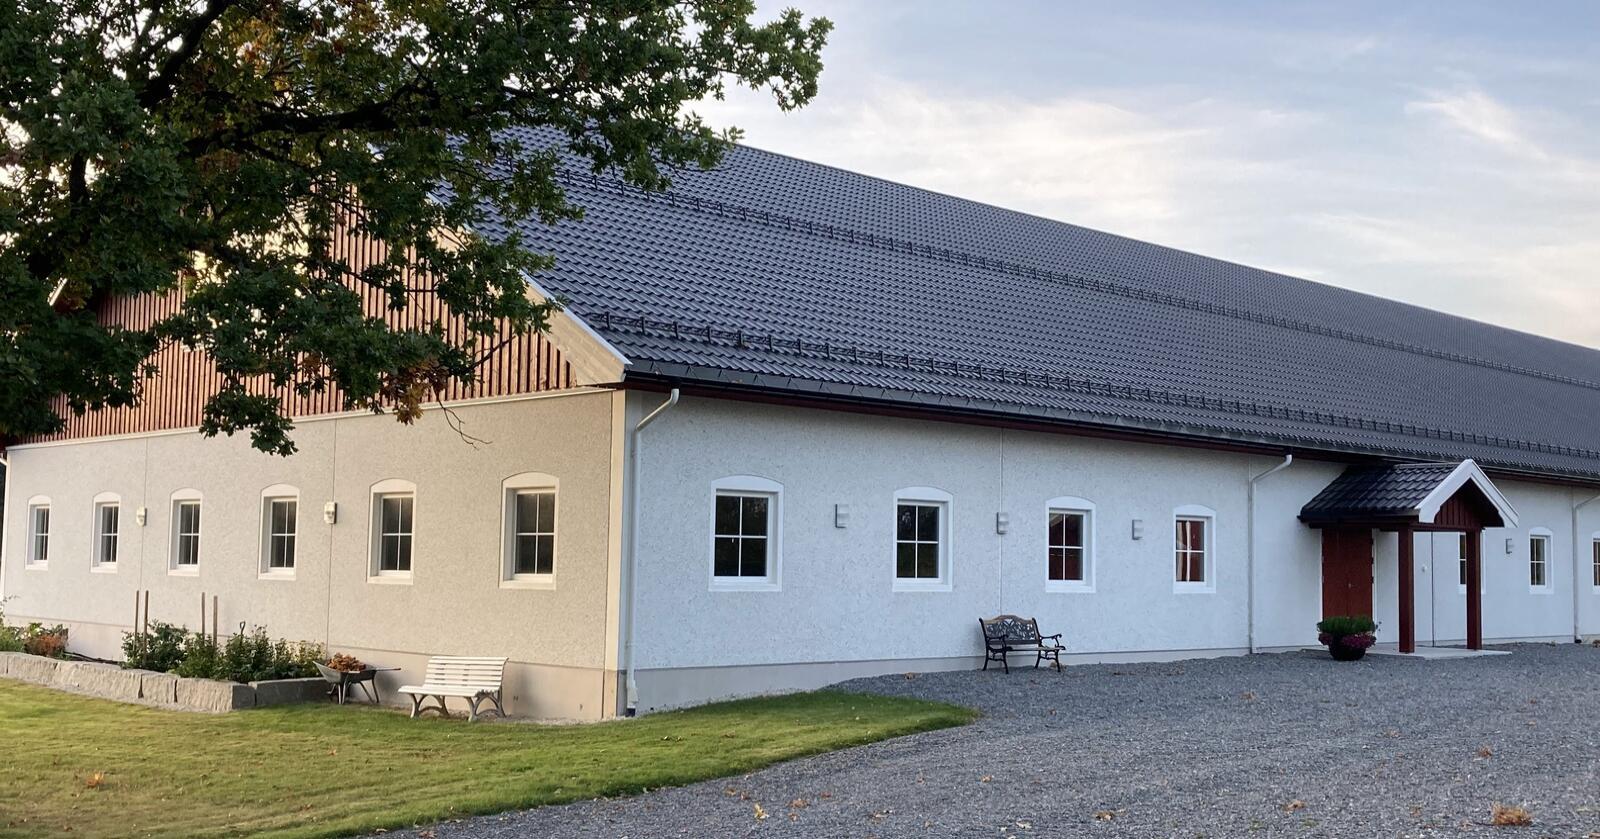 BORGEN: Et av rundt 500 landbruksbygg som Borgenbygg har satt opp. Foto: Privat